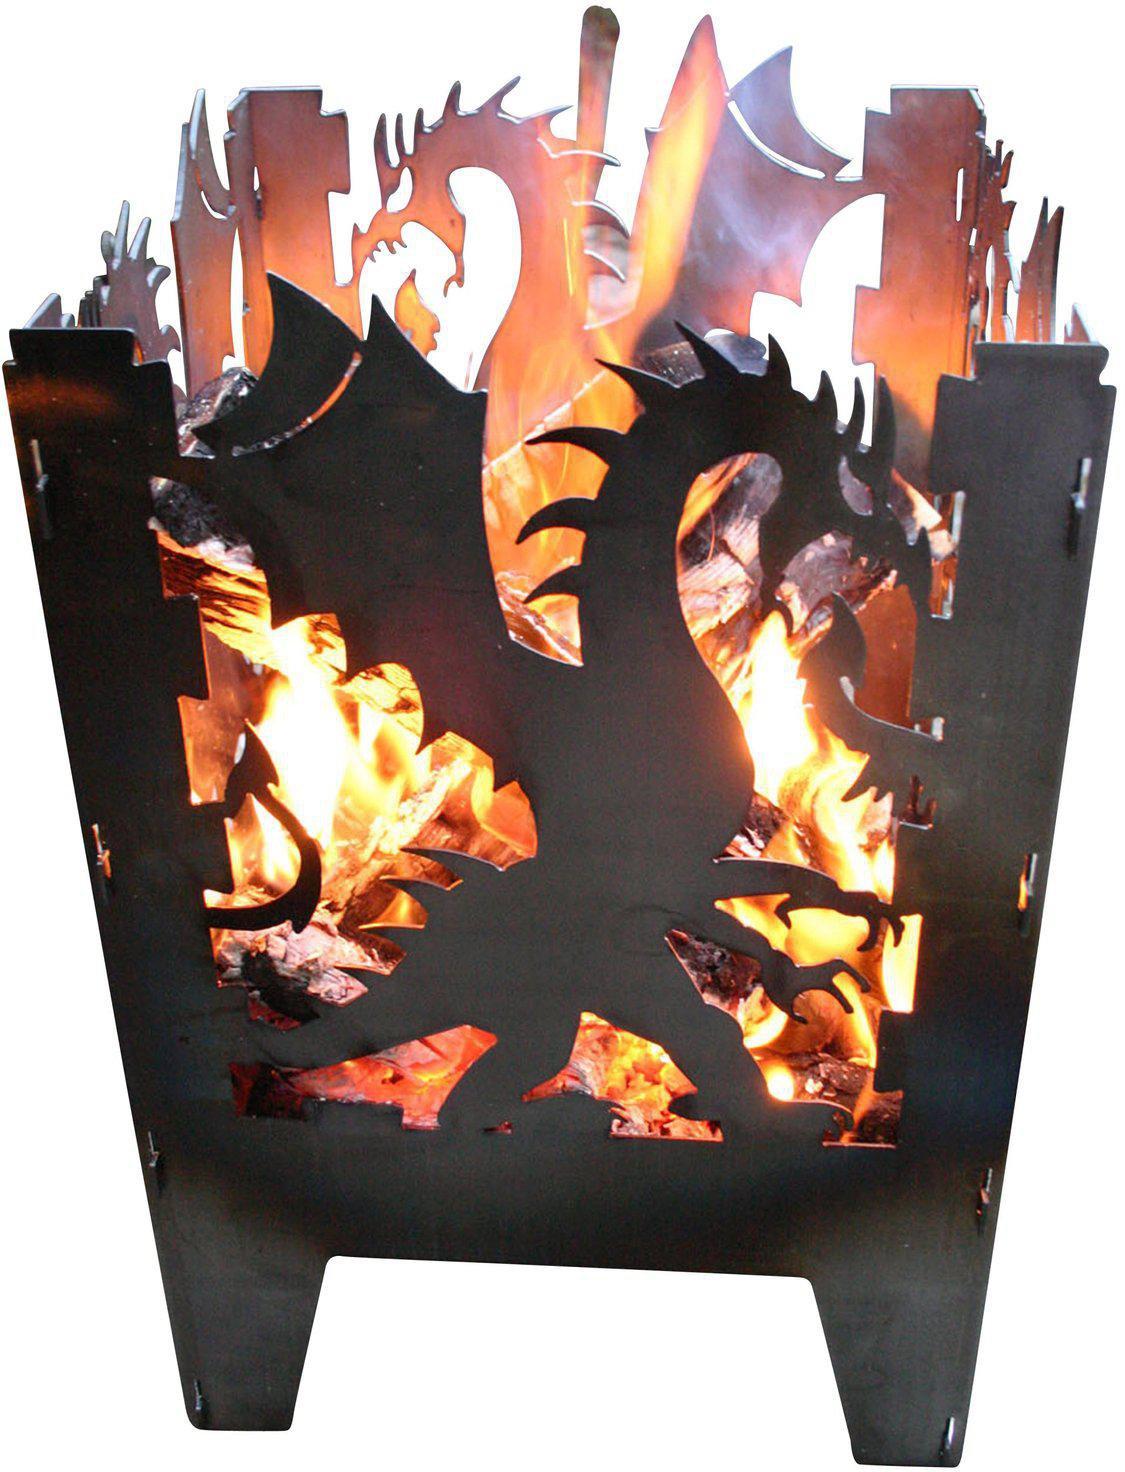 Feuerkorb Hexe Xxl Feuerkorb Todesstern